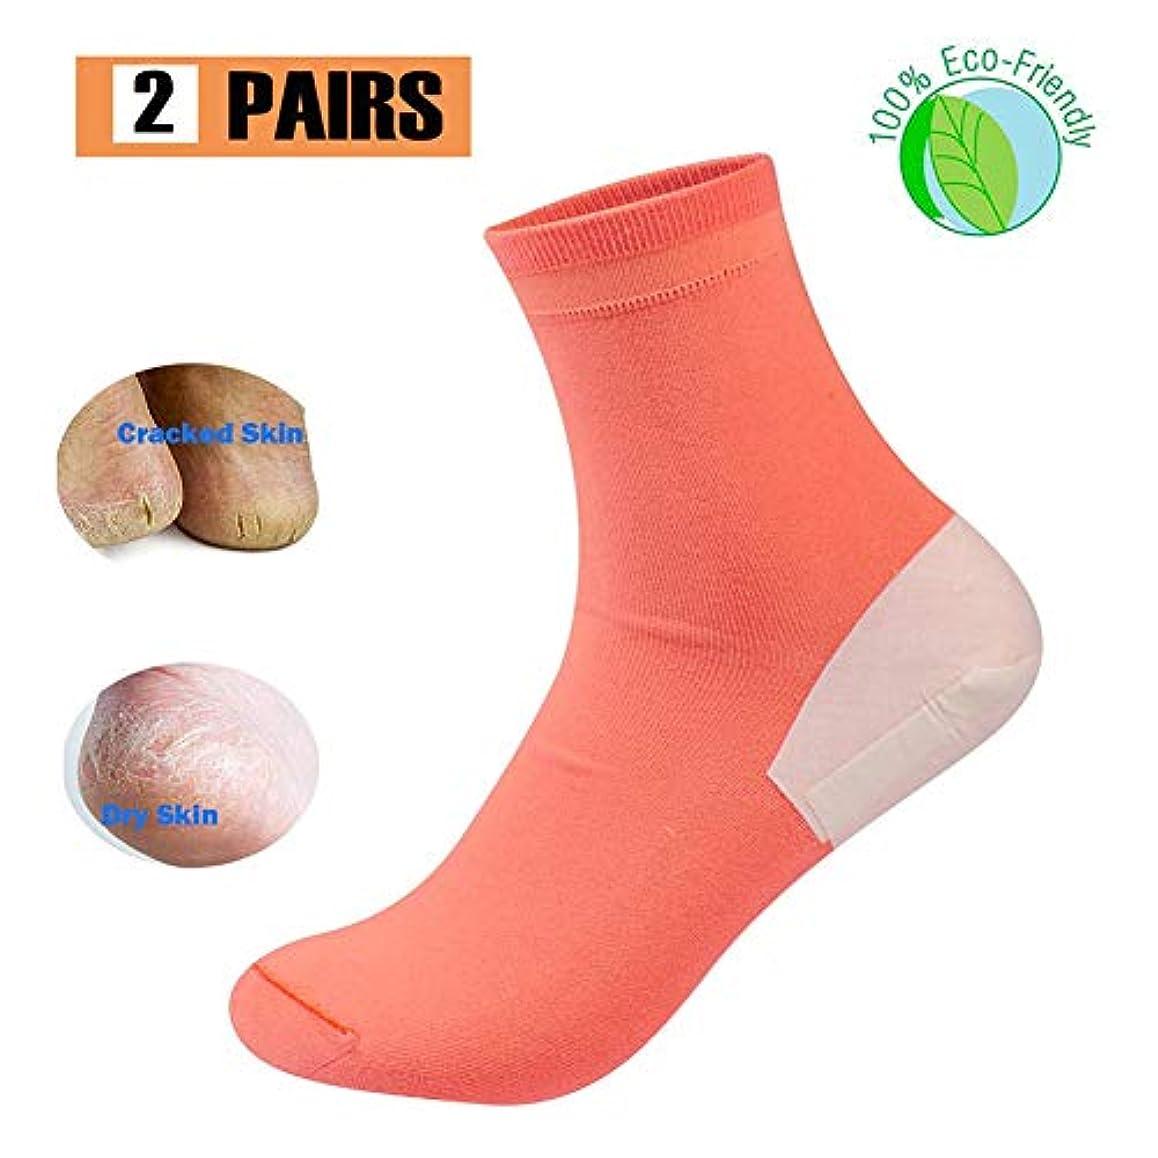 ページェントスリチンモイアソシエイト足乾き裂靴下足保護靴下ひび割れ防止靴下足裏ひび割れ水分靴下女性用無地かかと型,2PCS